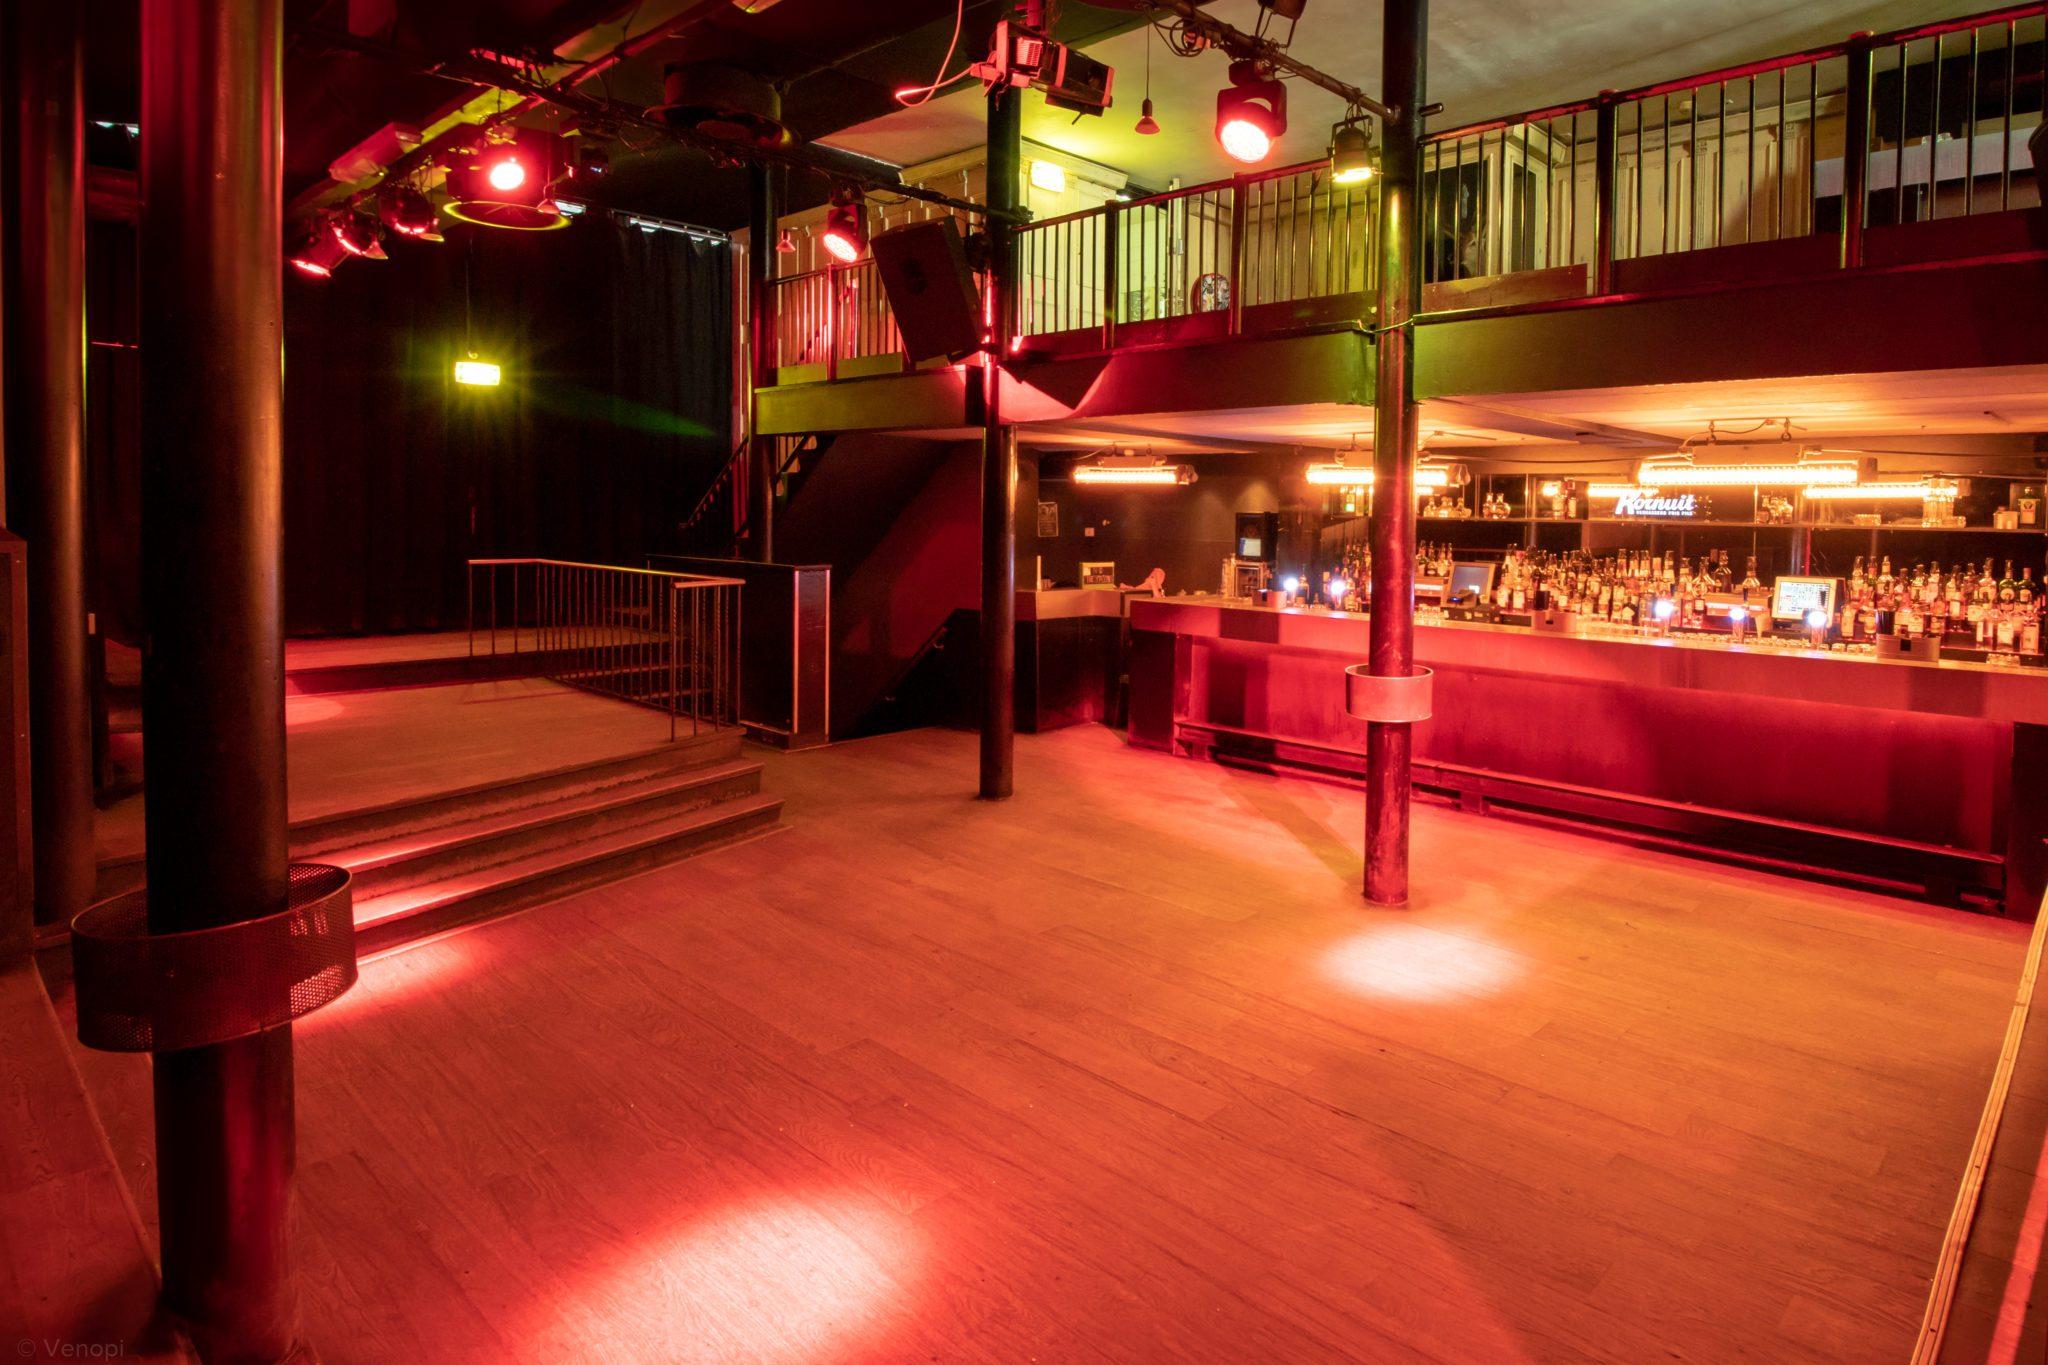 Die Tanzfläche im Bitterzoet in Amsterdam